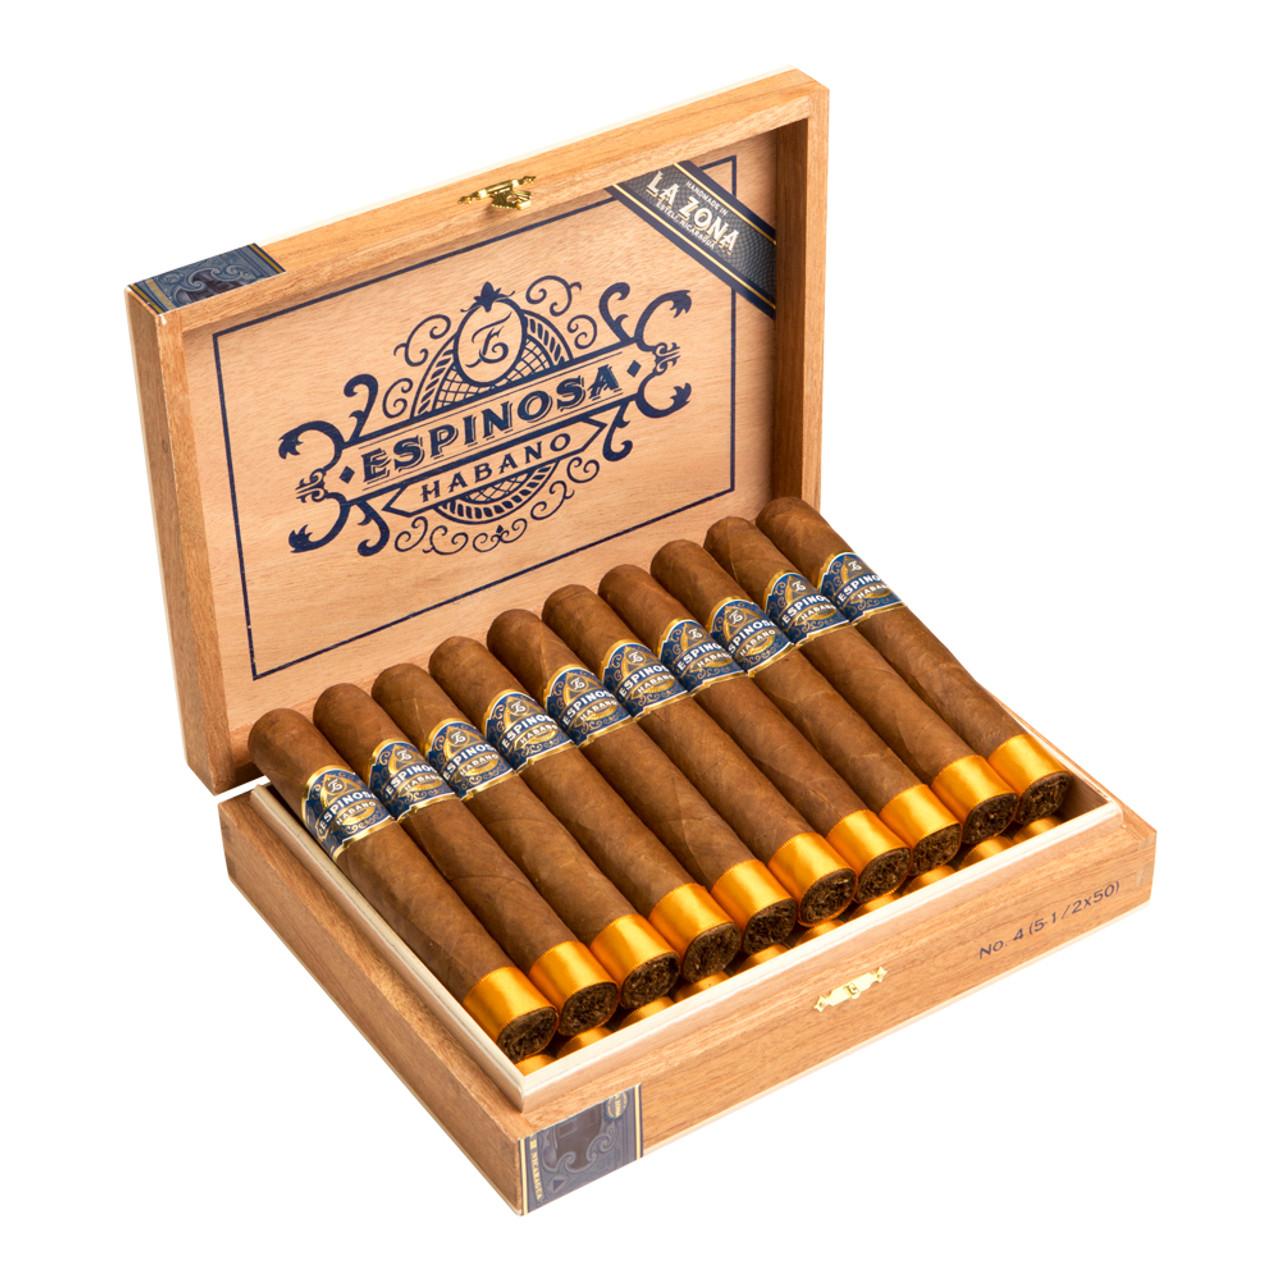 Espinosa Habano No.4 Cigars - 5.5 x 50 (Box of 20)